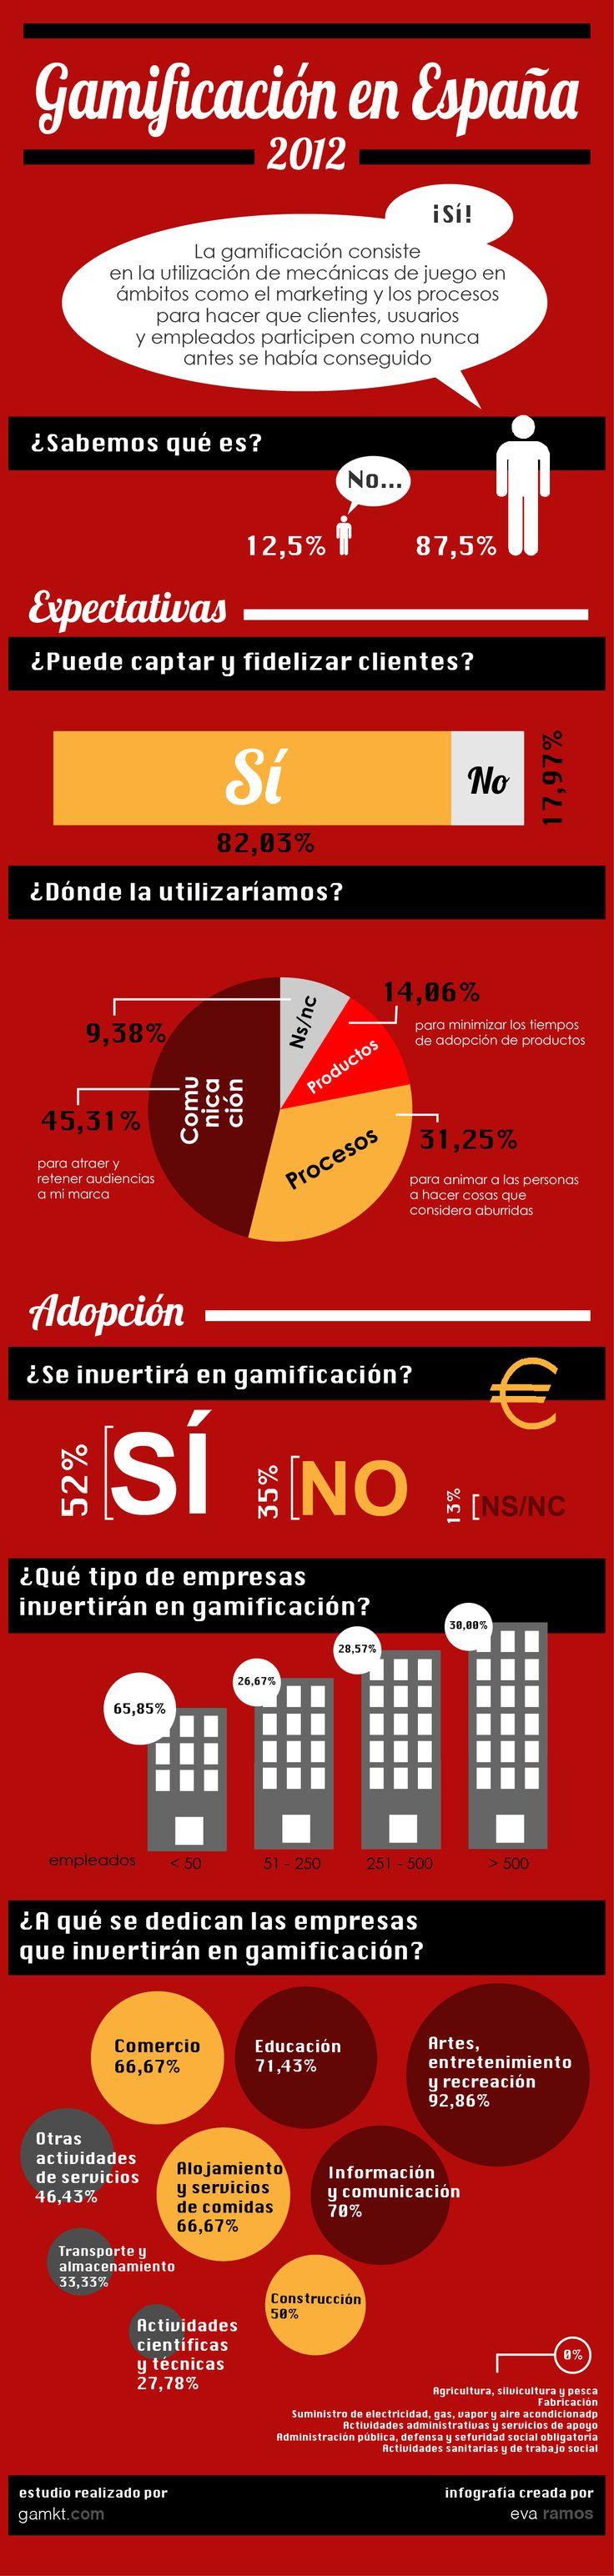 El 52% de las empresas españolas invertirán en gamificación || Un estudio realizado por GameMarketing revela que el 52% de las empresas españolas invertirán en gamificación, principalmente, las que tienen menos de 50 empleados apostarán más fuerte por este nuevo modelo…